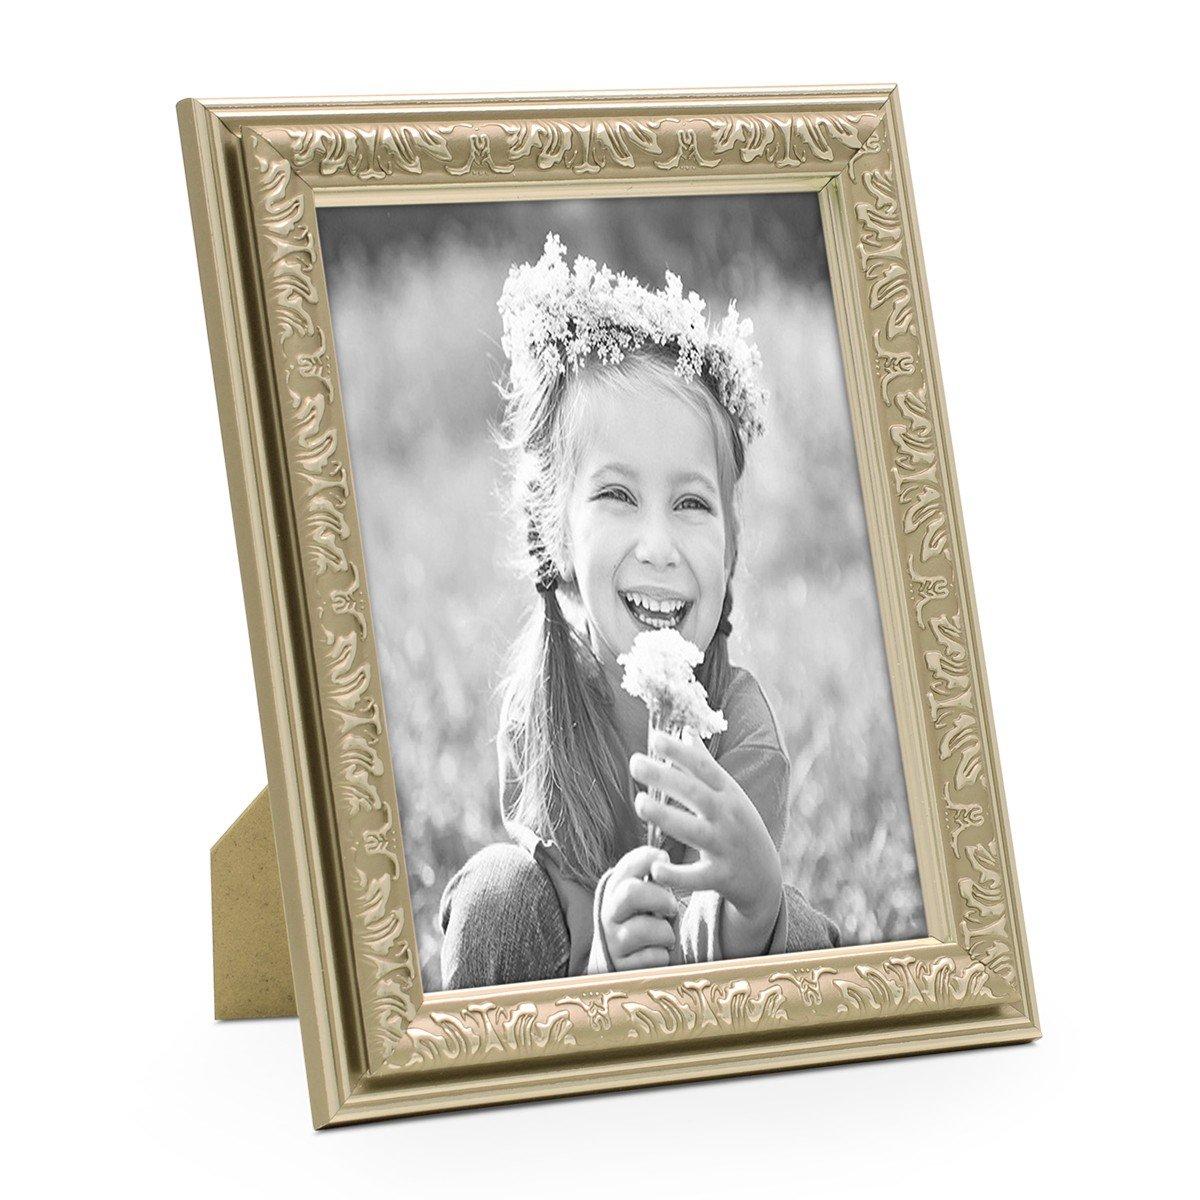 Photolini Bilderrahmen Antik Silber Nostalgie 13x18 cm Fotorahmen ...